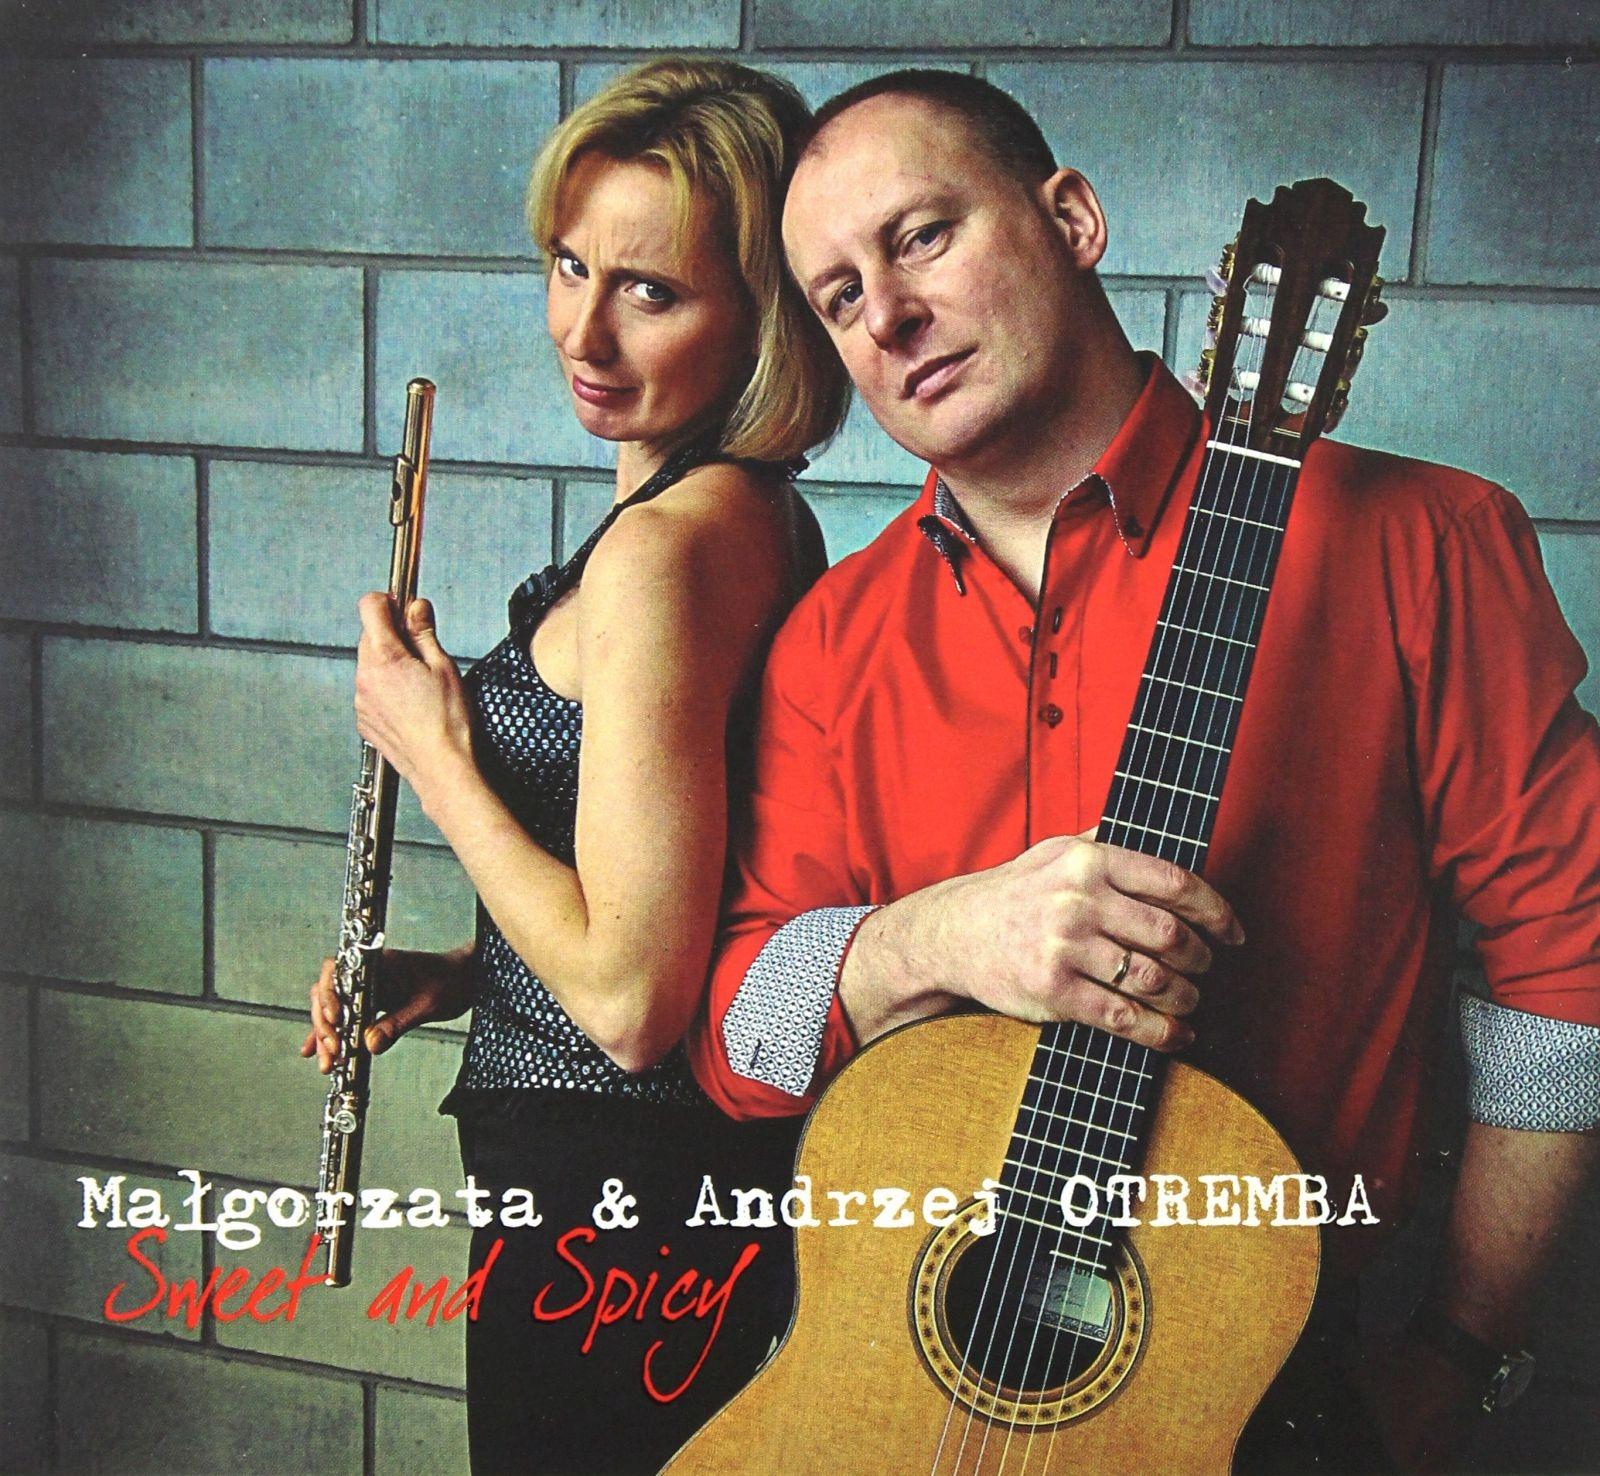 MAŁGORZATA OTREMBA+ANDRZEJ OTREMBA: SWEET+SPICY CD